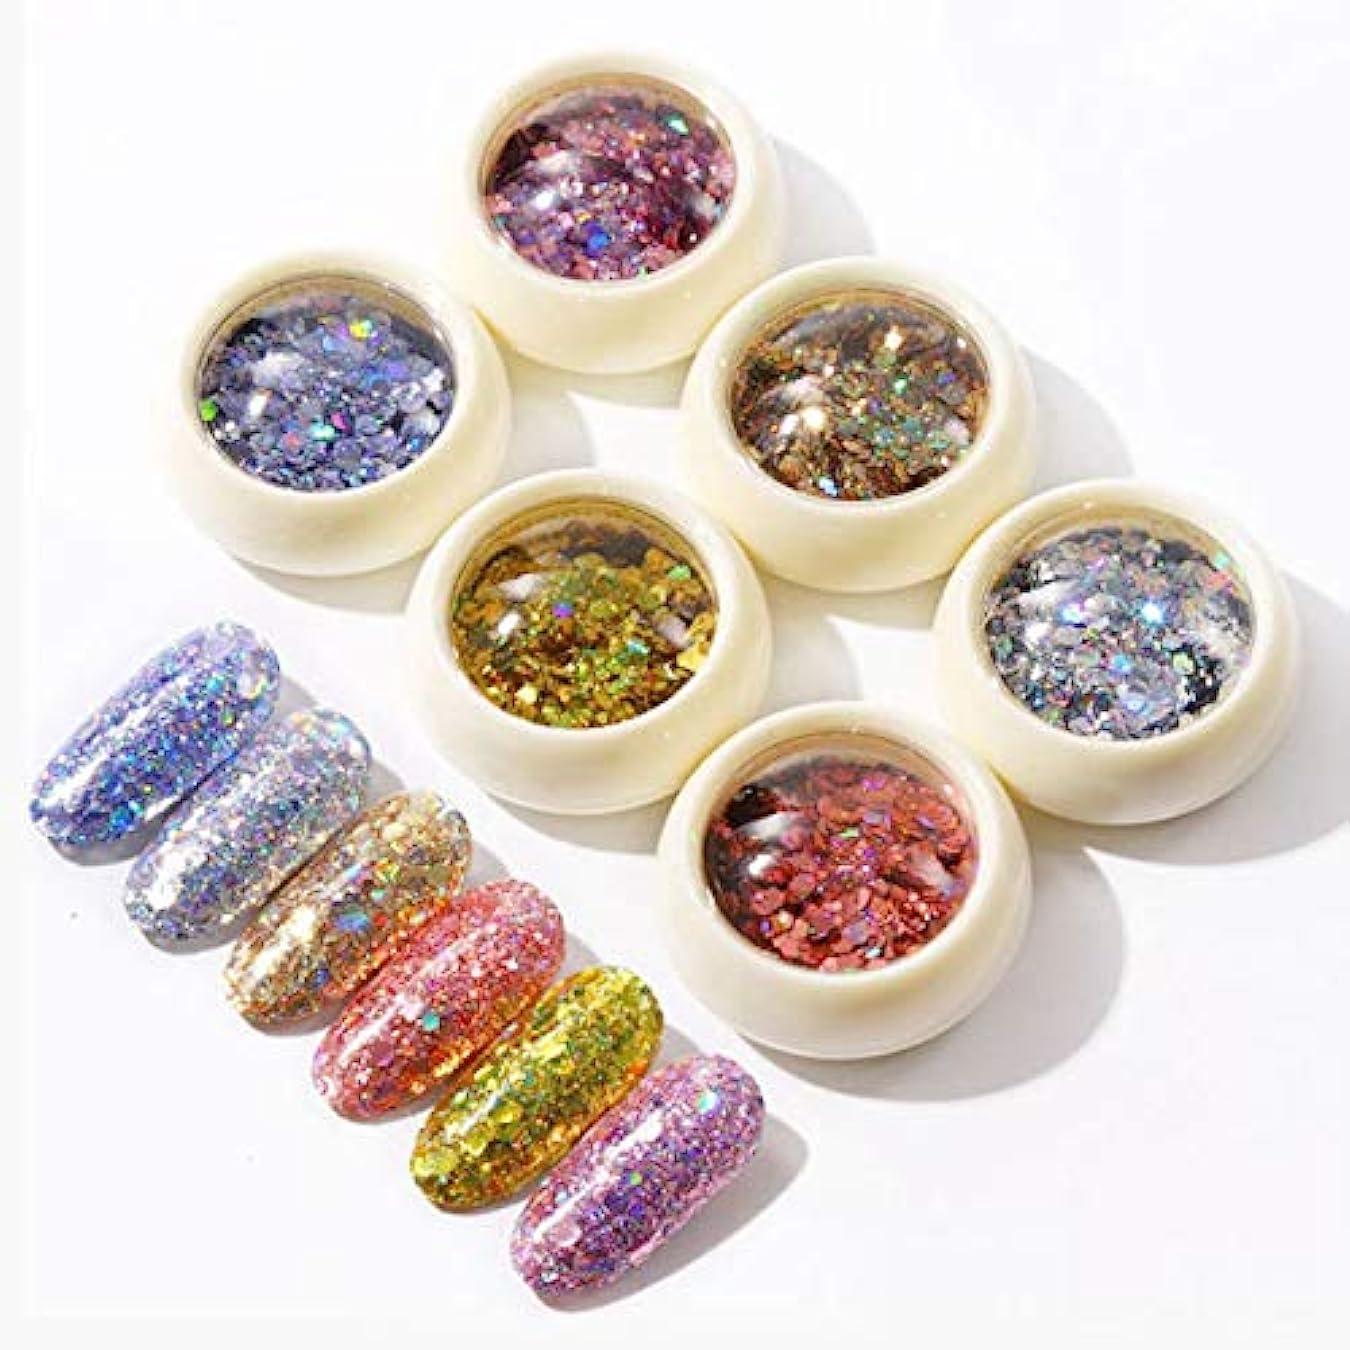 ことわざドリンクワゴンサリーの店 派手な6つのロードされた釘Sequinsアイ化粧Sequins(02)